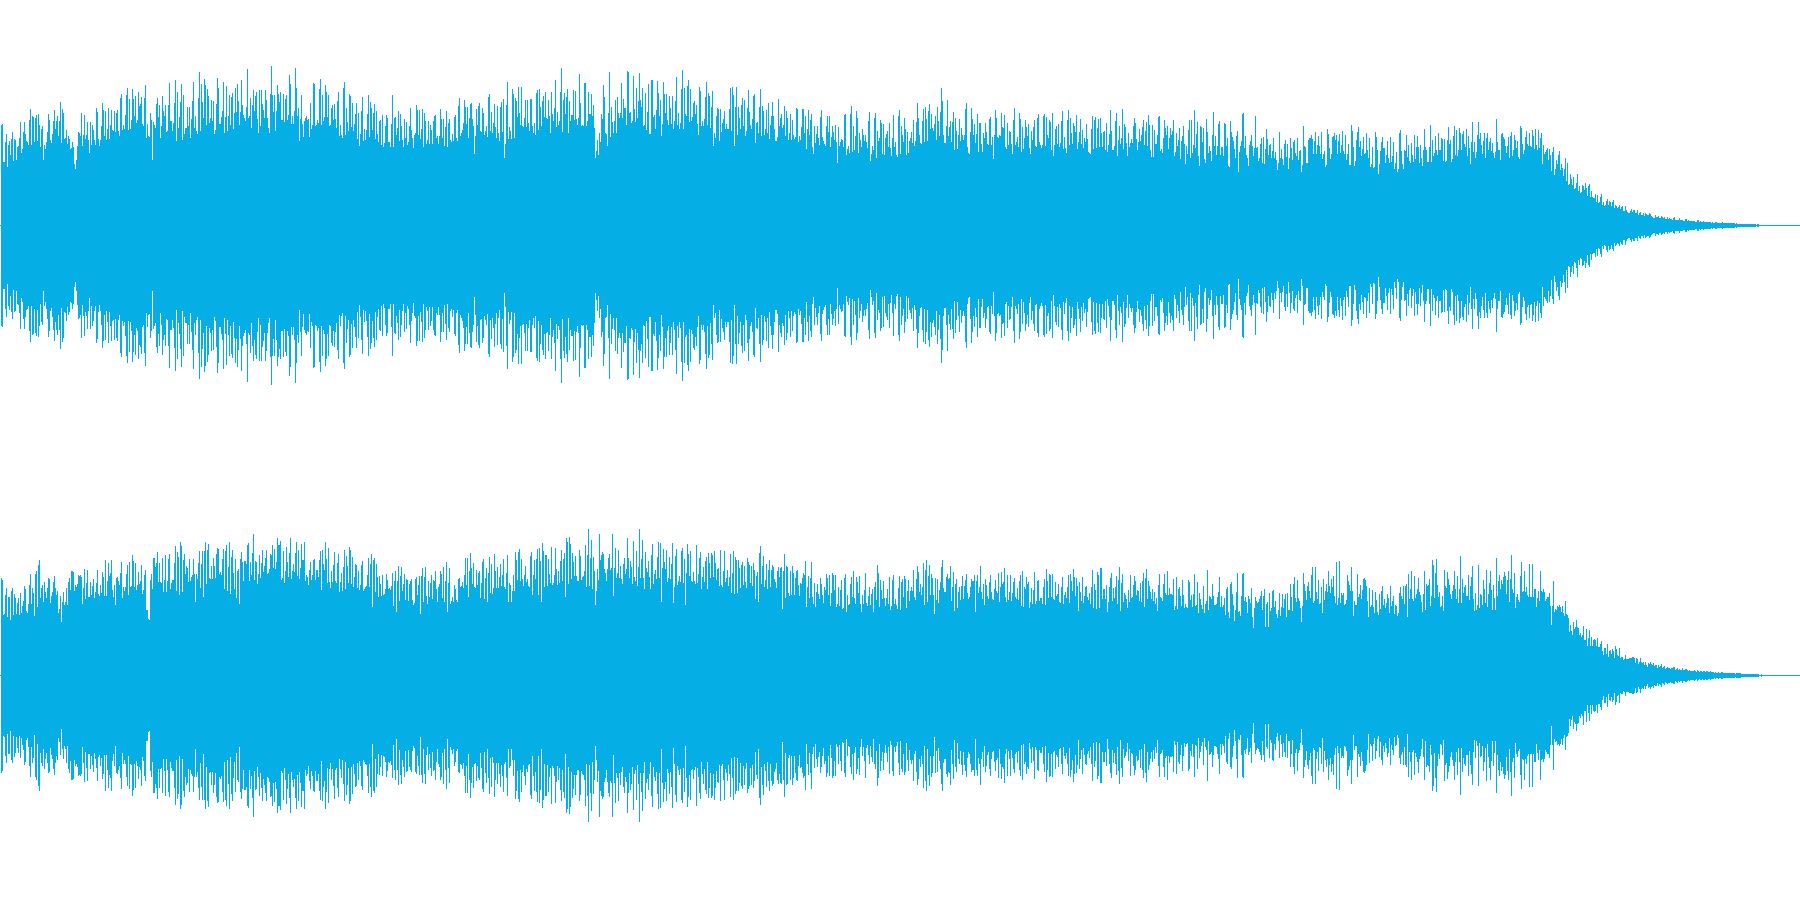 シンセサイザー電子音_FM_FX_宇宙の再生済みの波形